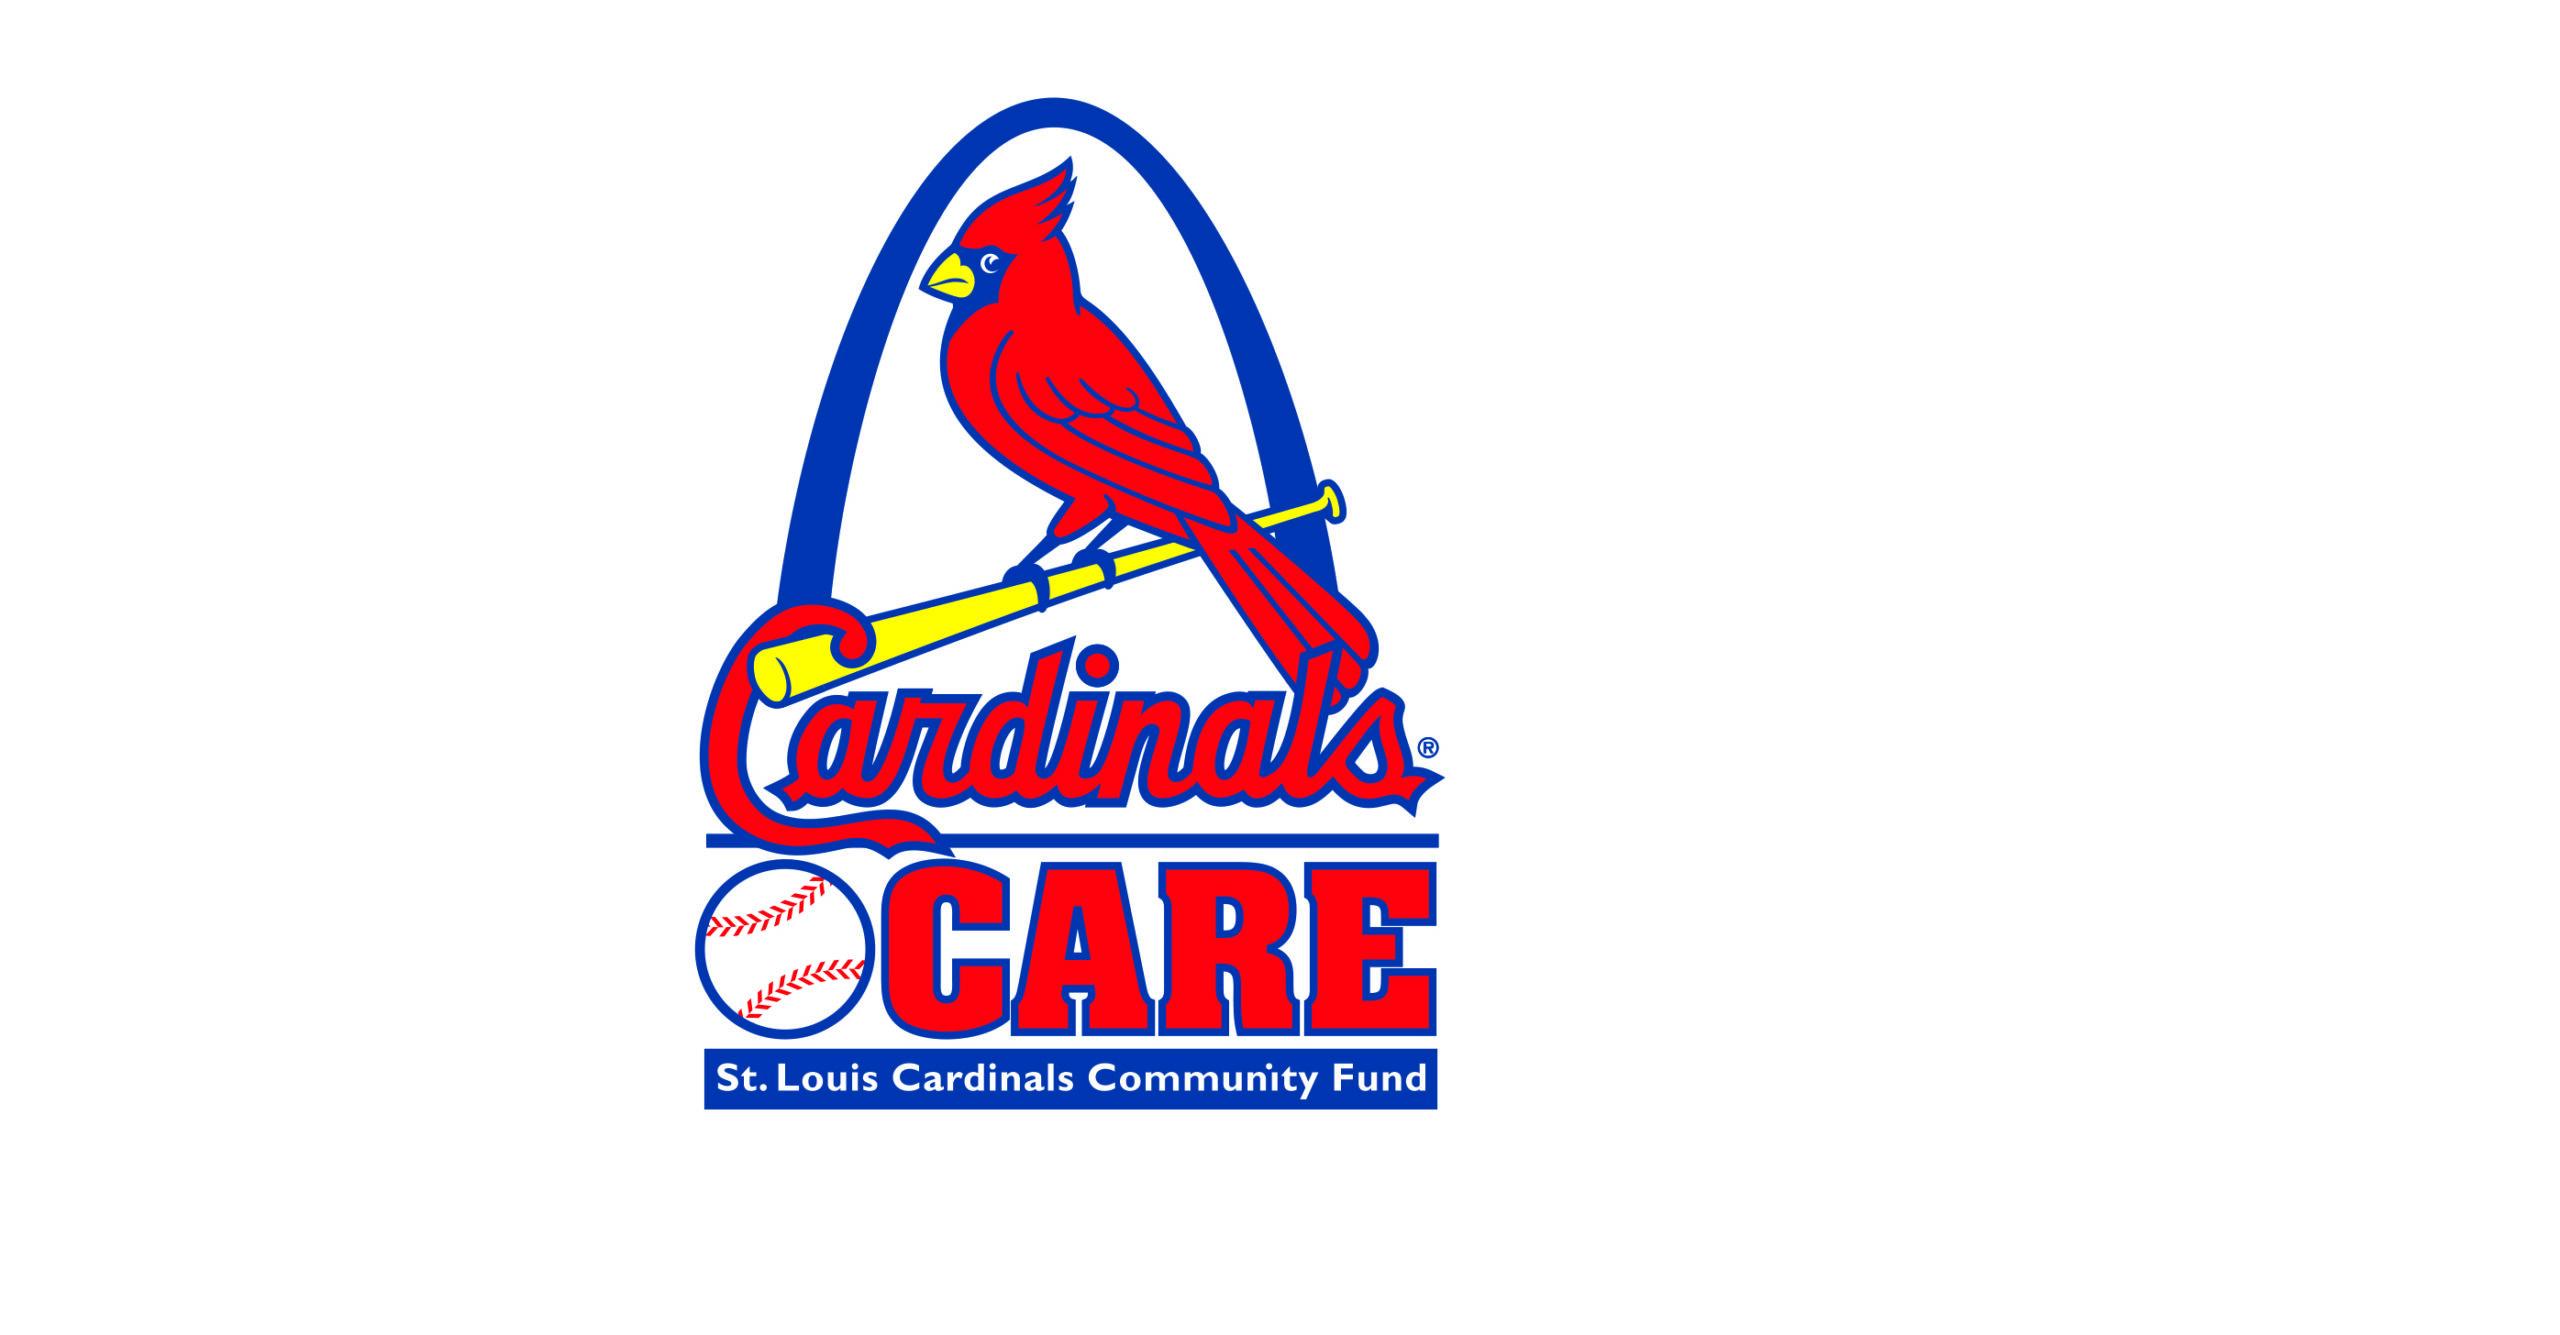 gkaspartnerlogos_0007_Cardinals-Care-Logo.jpg